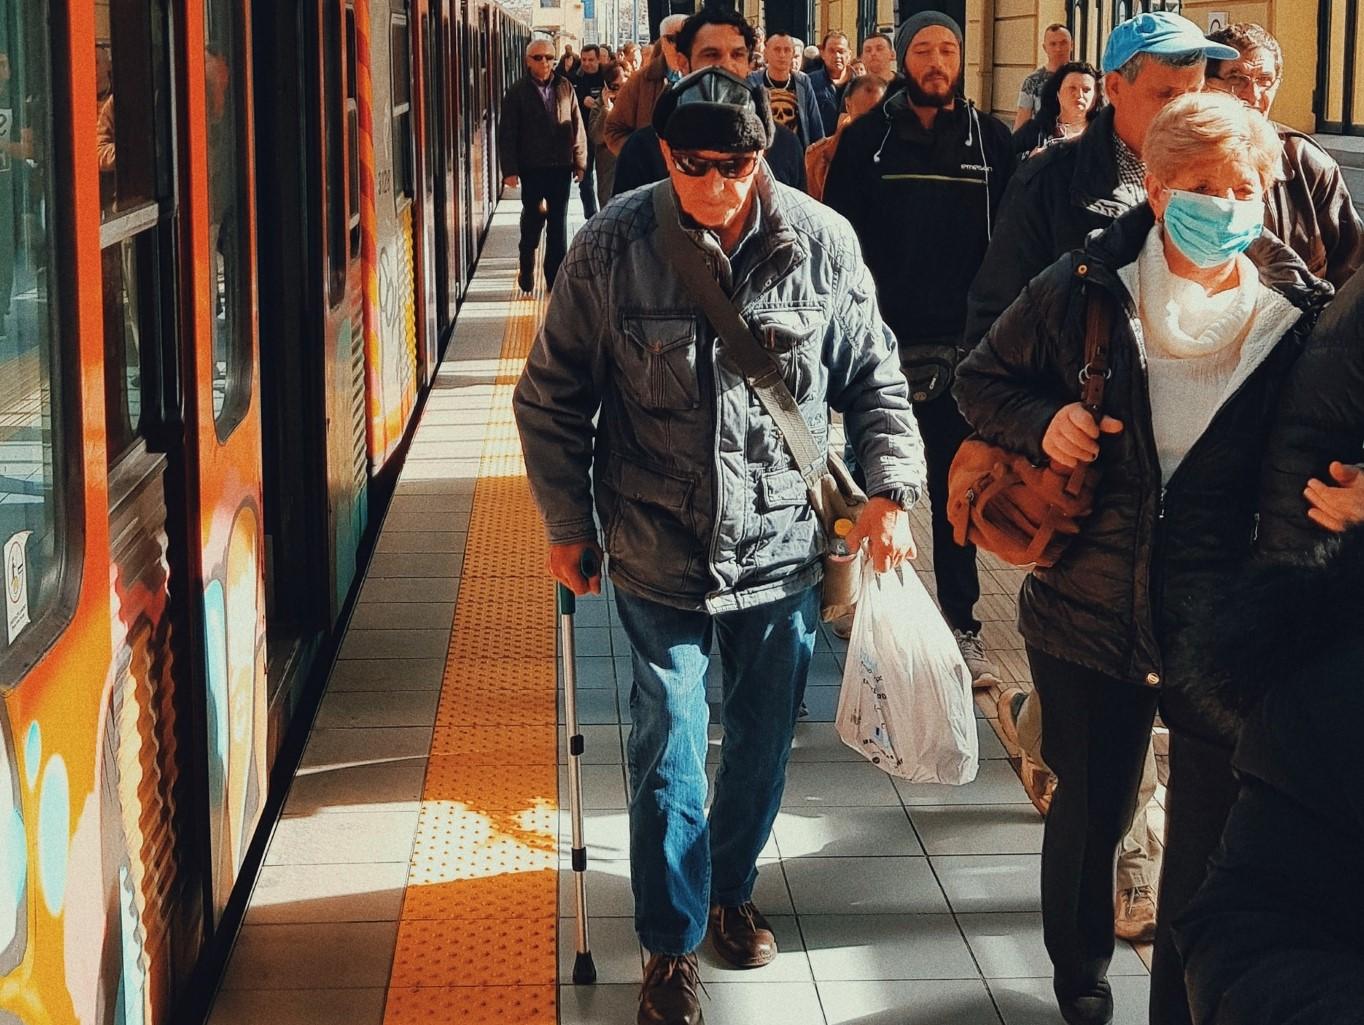 People on Train Platform